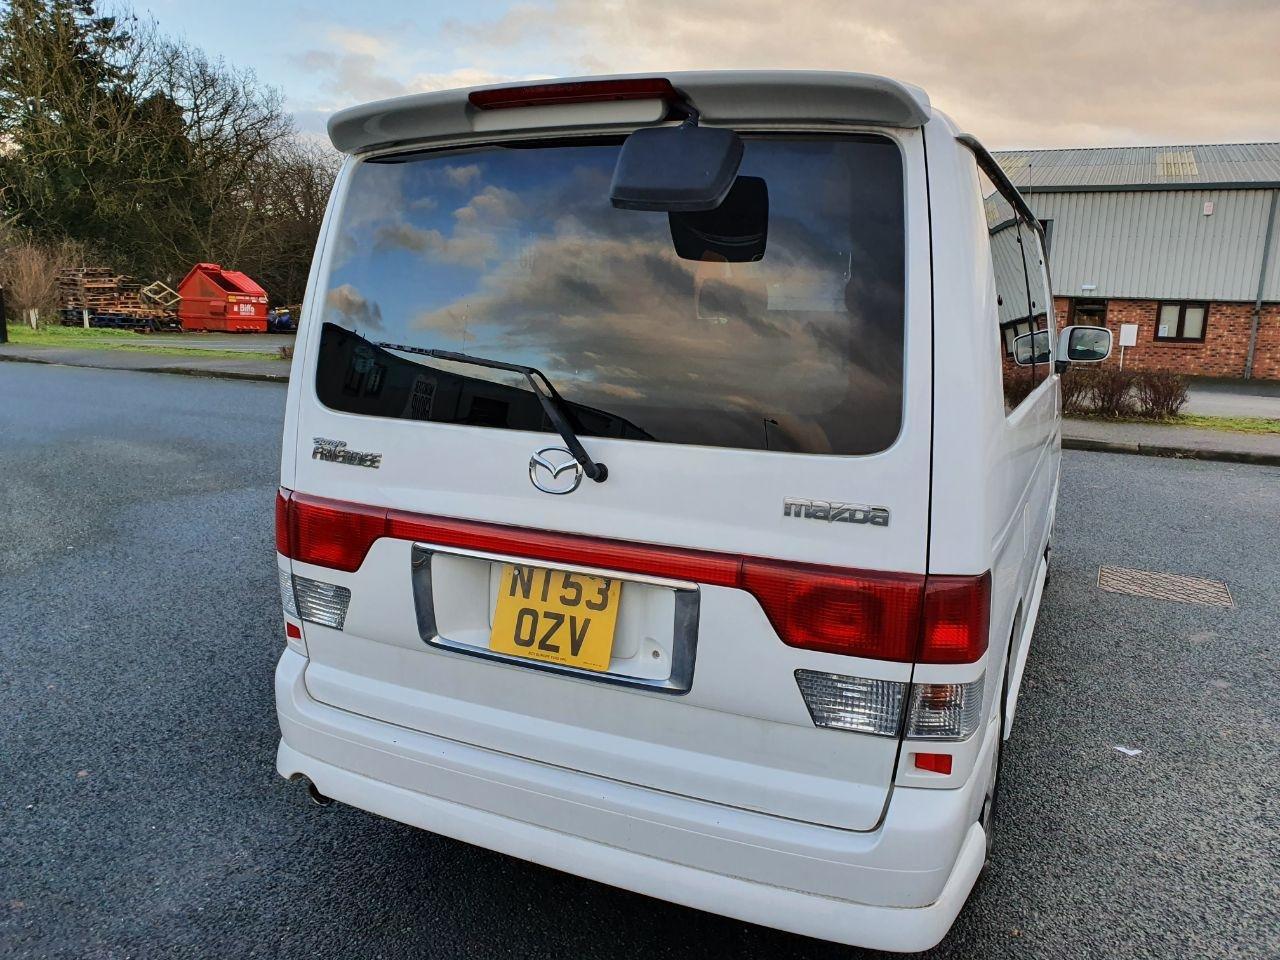 2003 Mazda Bongo Aero - 8 Seats MPV - Day Van - Camper For Sale (picture 5 of 12)